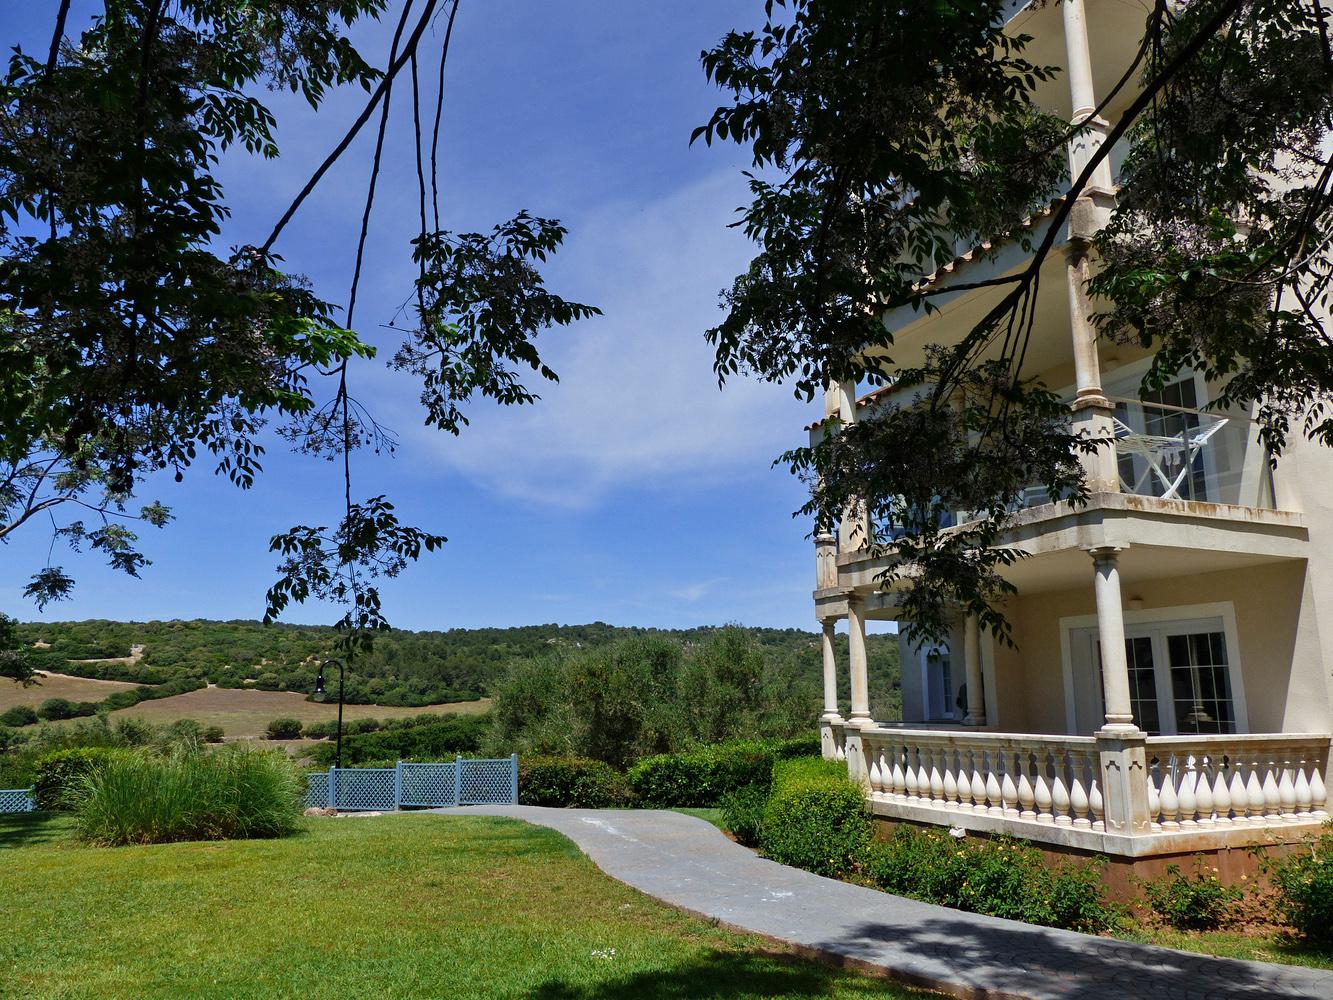 Son bou jardin de menorca hotel 20170516 125752 22 rolf maltas website - Jardin de menorca ...